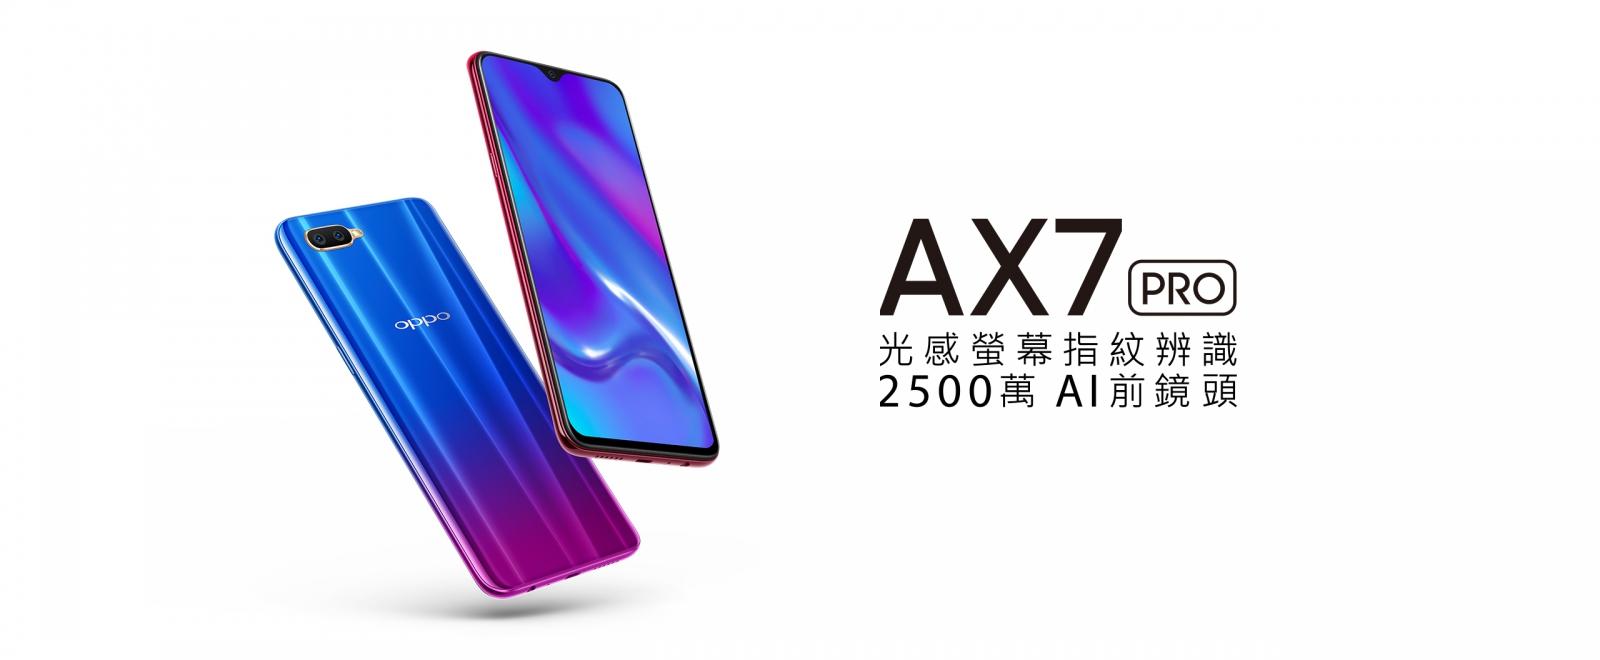 AX7 Pro